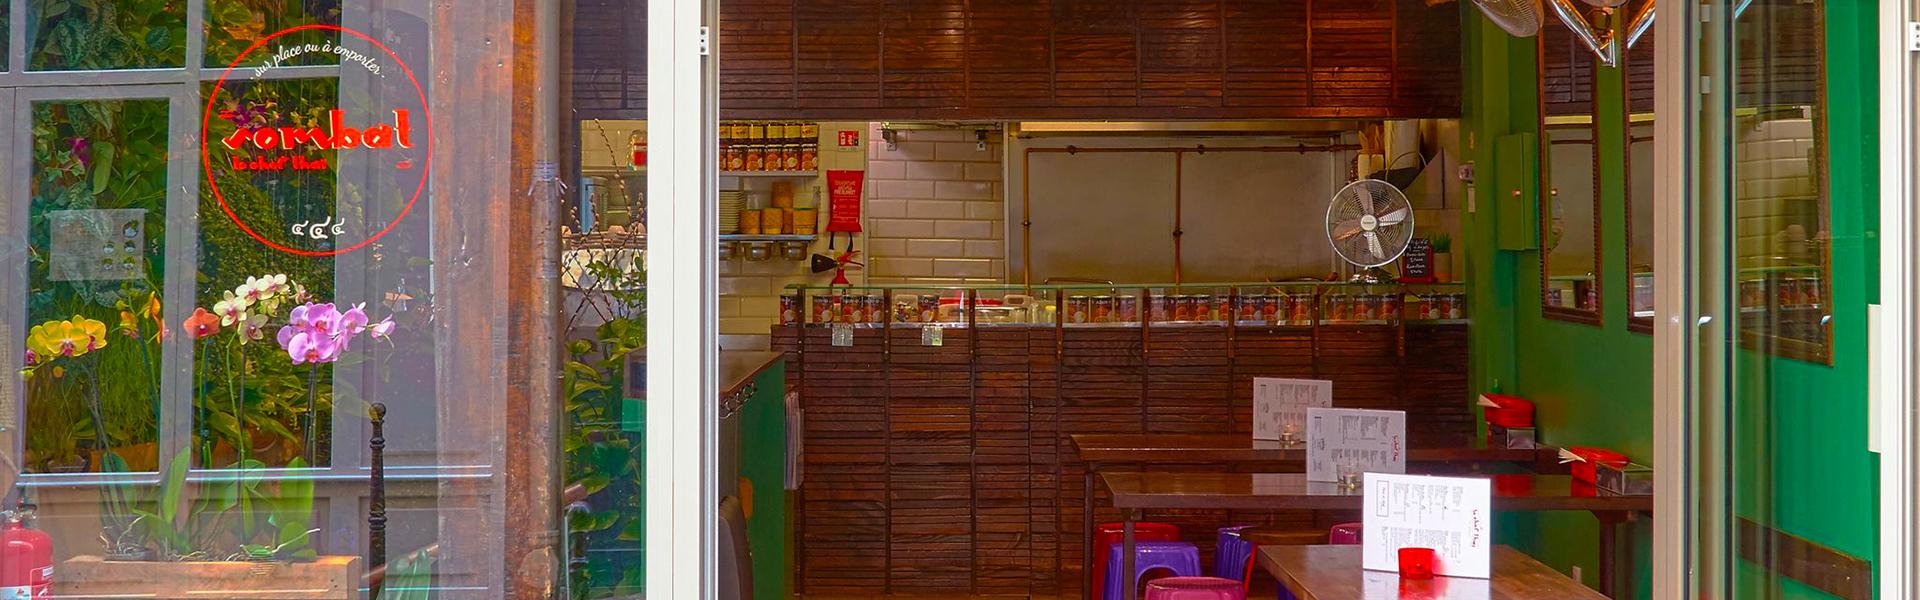 Restaurant Thai Livraison Paris